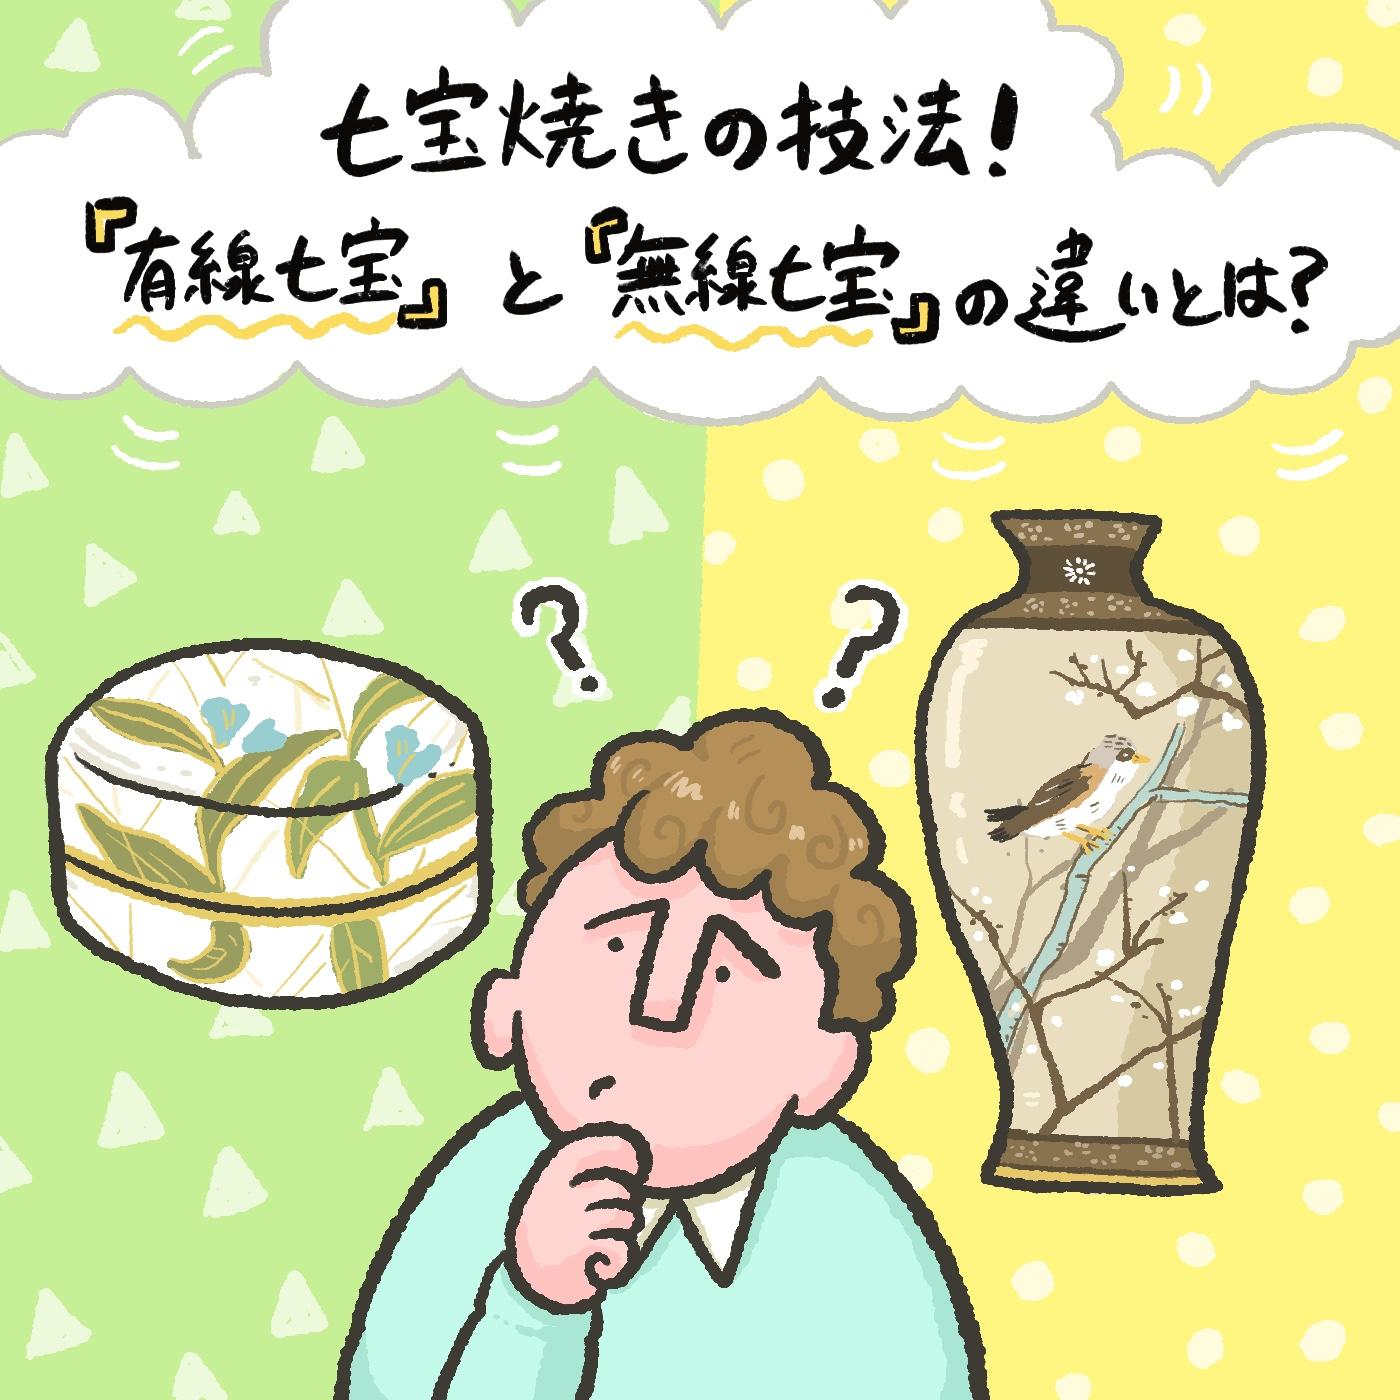 OBIKAKE ナニソレ 七宝焼き 工芸 藤野遼太